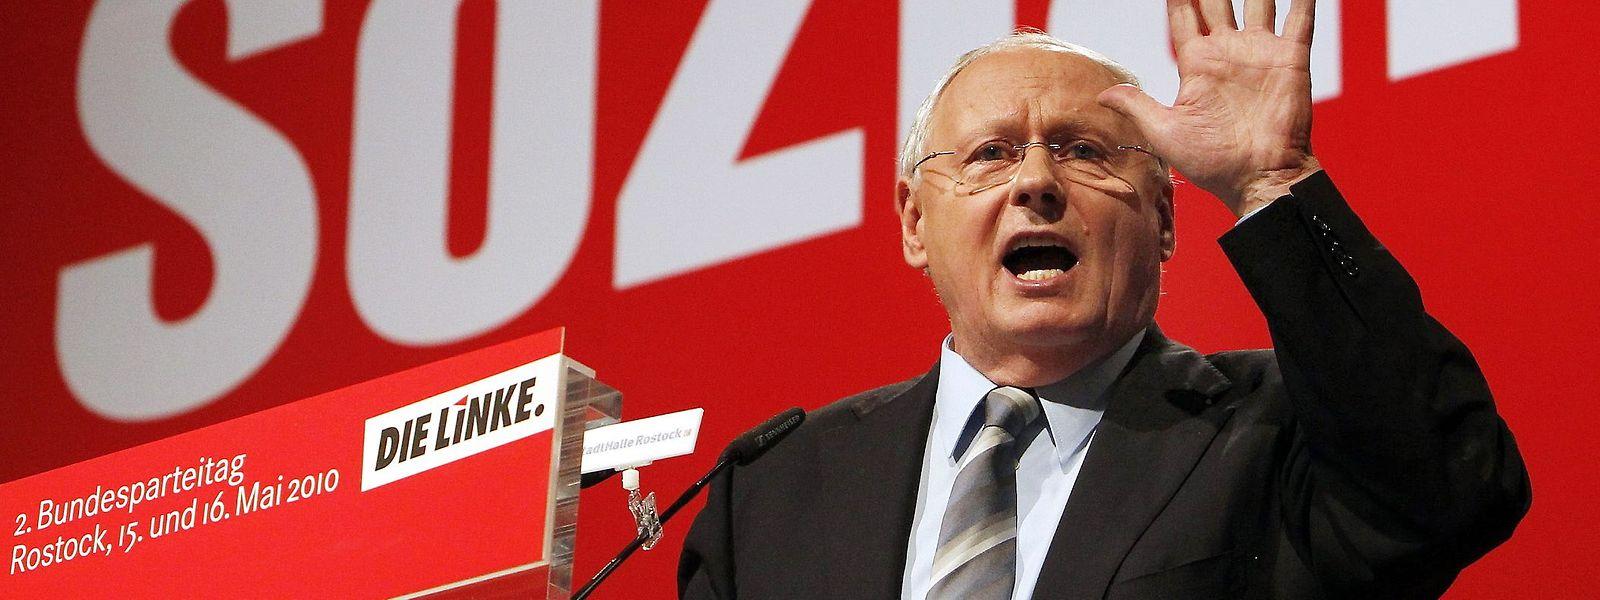 """""""Ein Sozialist kann Christ sein, ein Christ muss Sozialist sein."""" - Oskar Lafontaine, hier im Jahr 2010 beim BUndesparteitag der Linken, hält sich an das Motto von Adolf Grimme."""